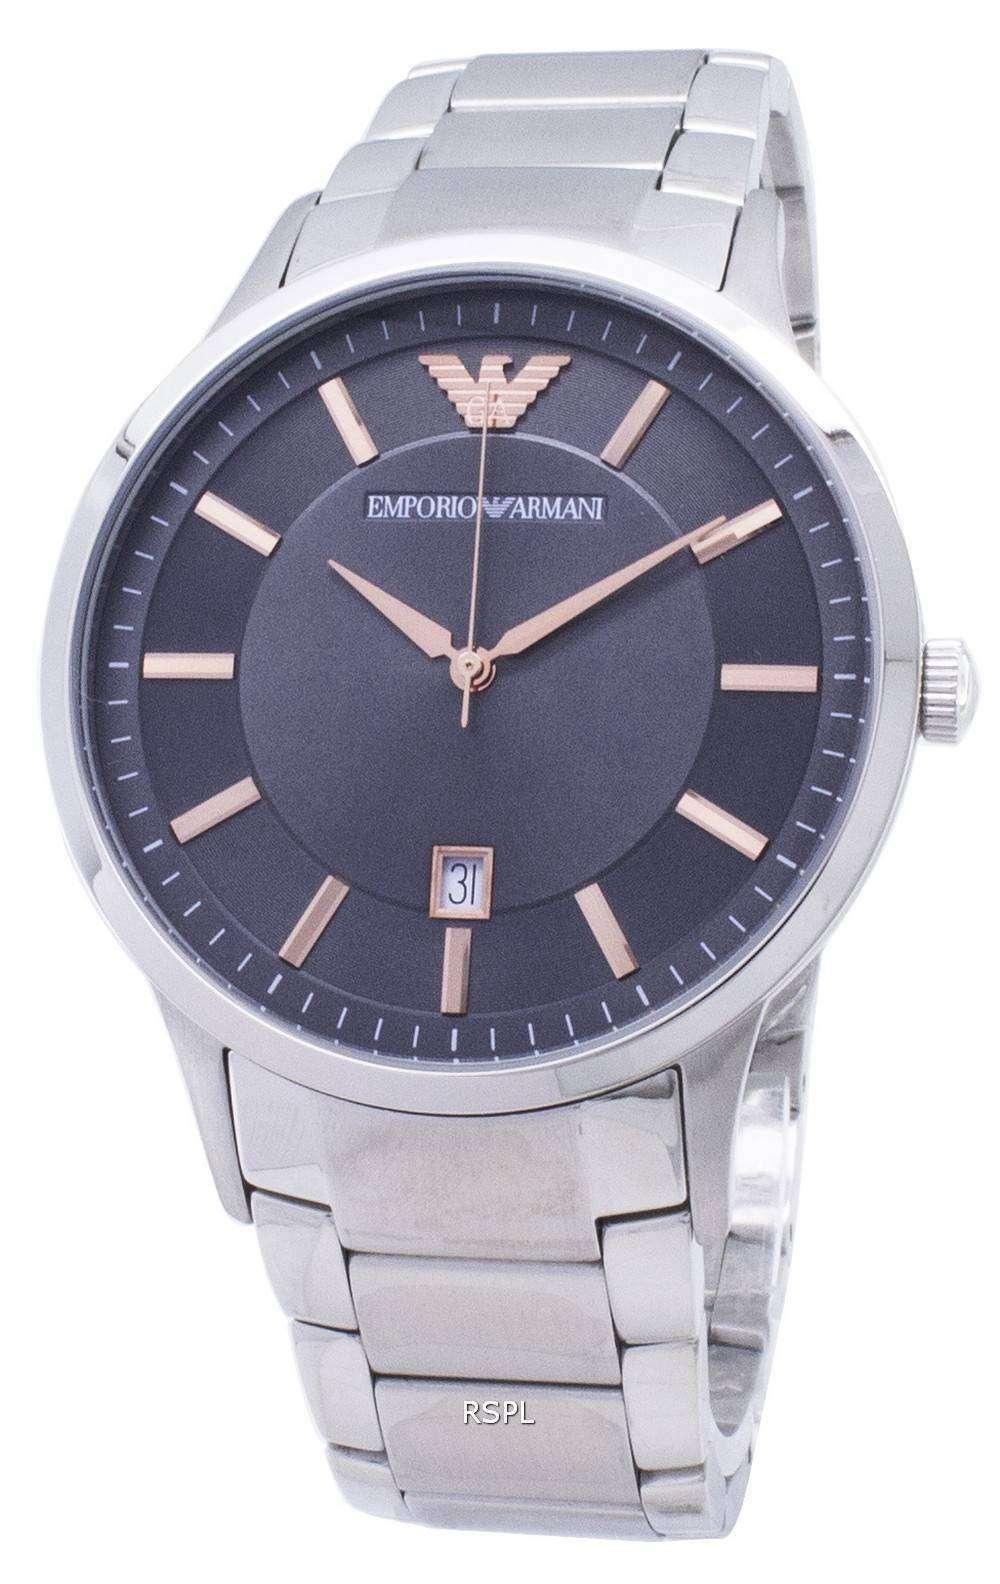 7839b9a6f9fc Emporio Armani Renato cuarzo AR2514 Watch de Men - citywatches.es